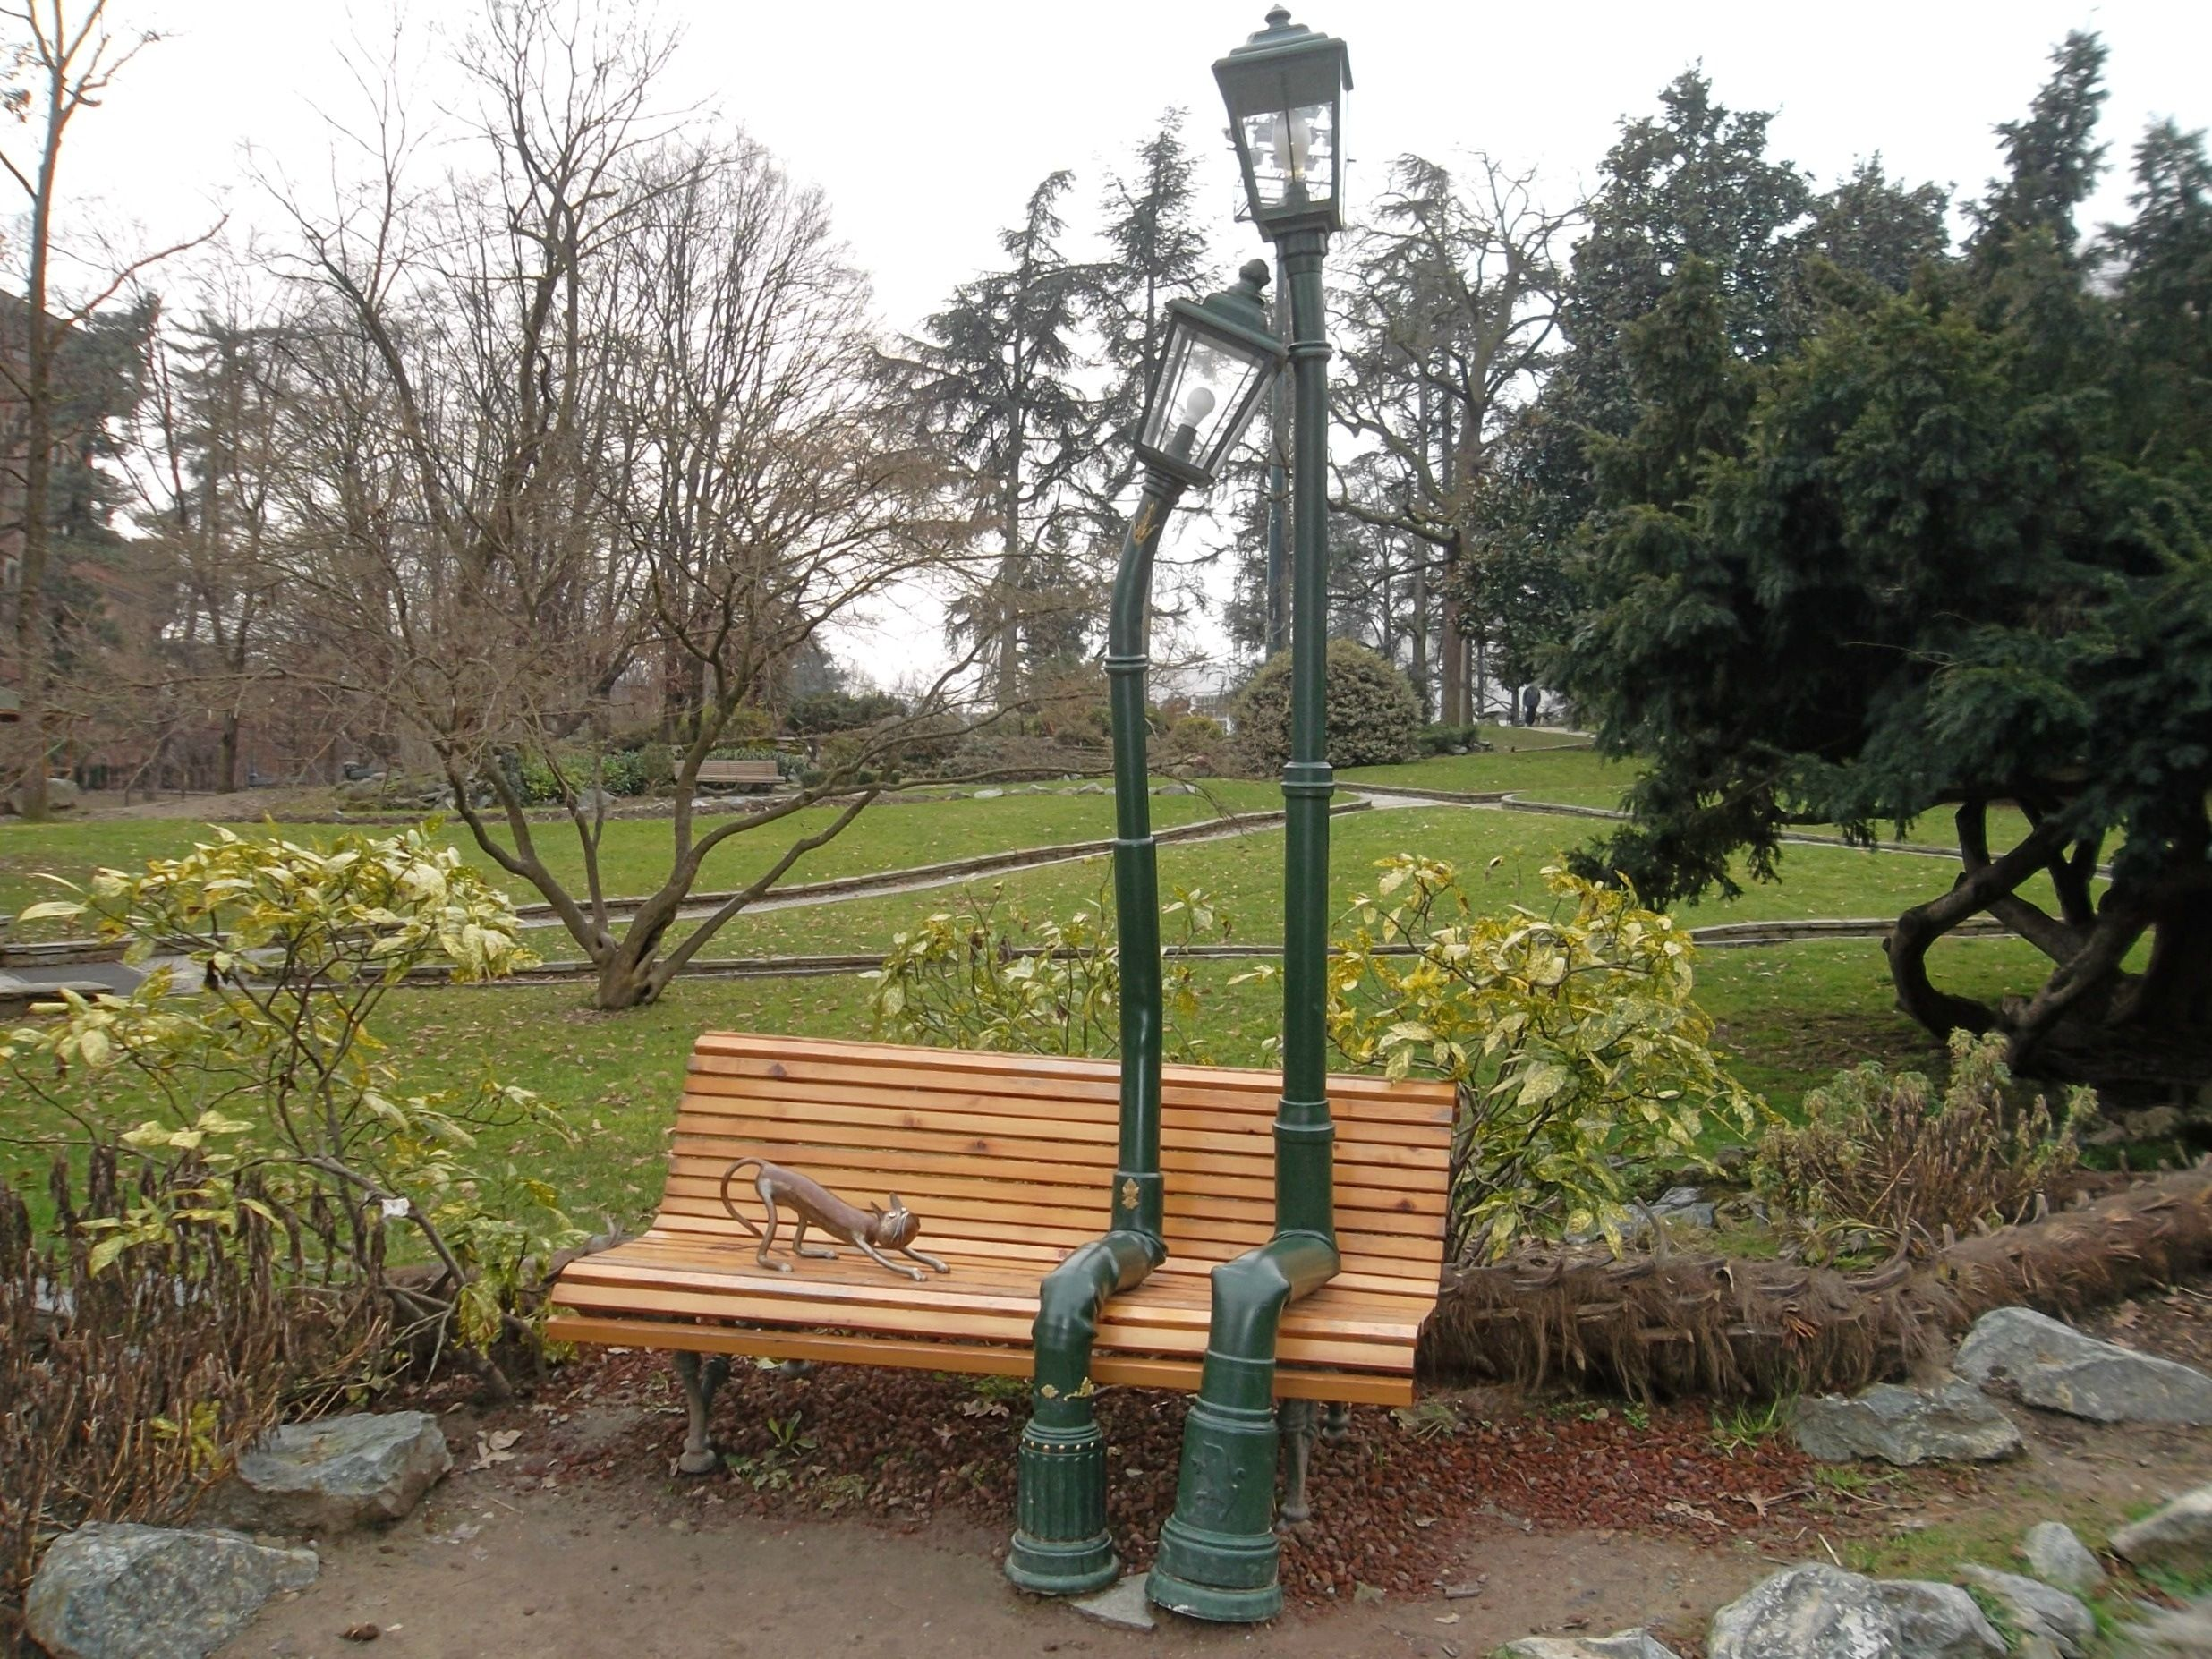 Piemonte Turin Valentino Park The Bench In Love Panchine Torino Installazioni Artistiche